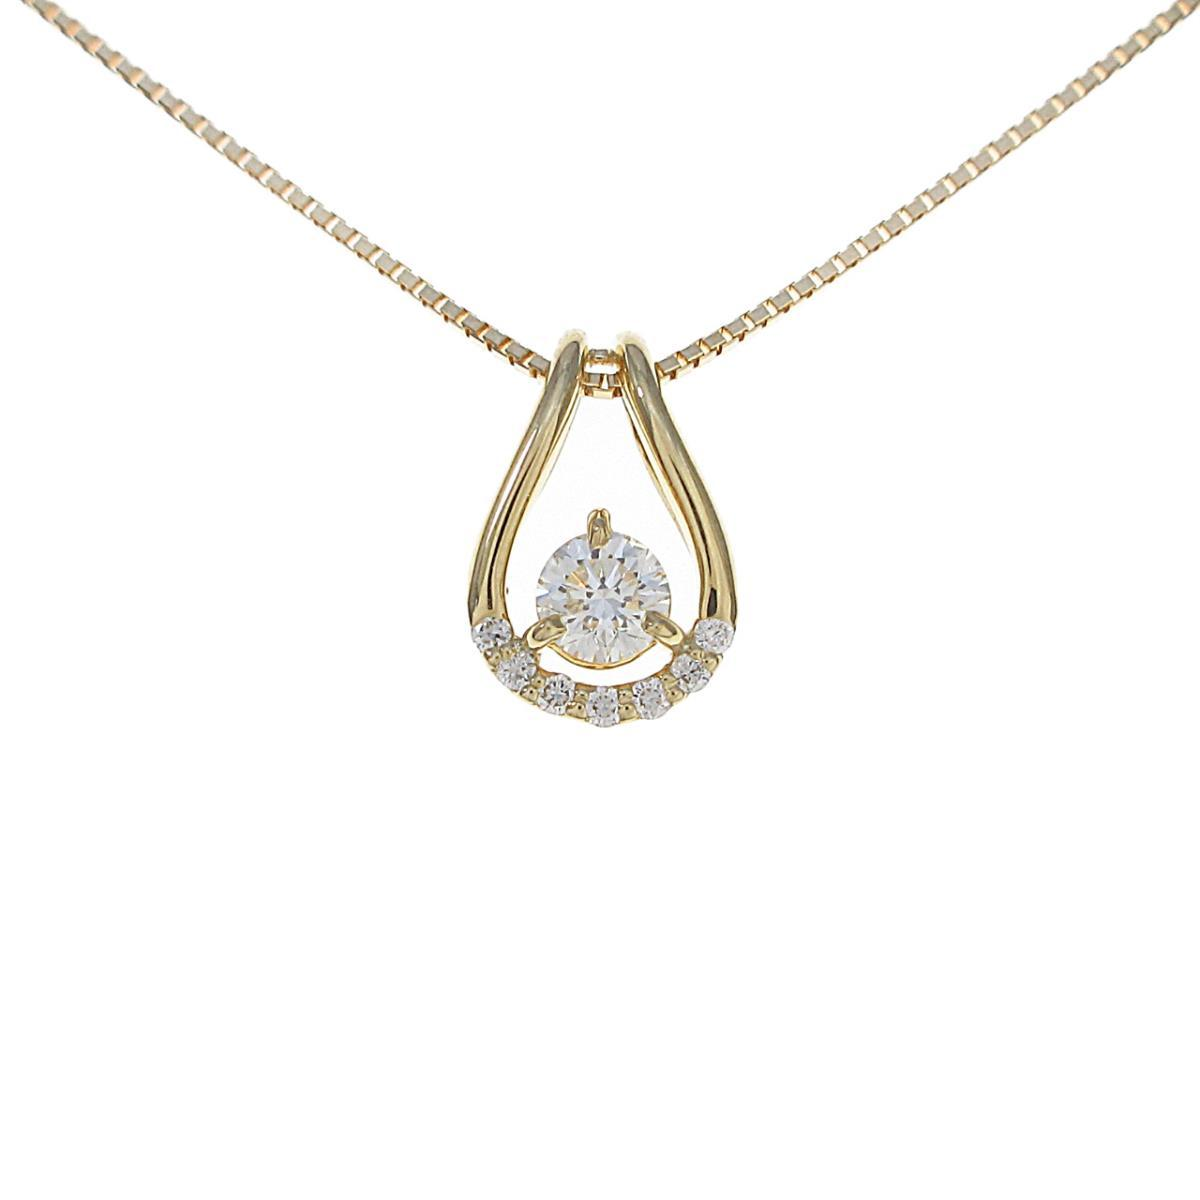 【新品】K18YG ダイヤモンドネックレス 0.202ct・G・VS1・VG【新品】